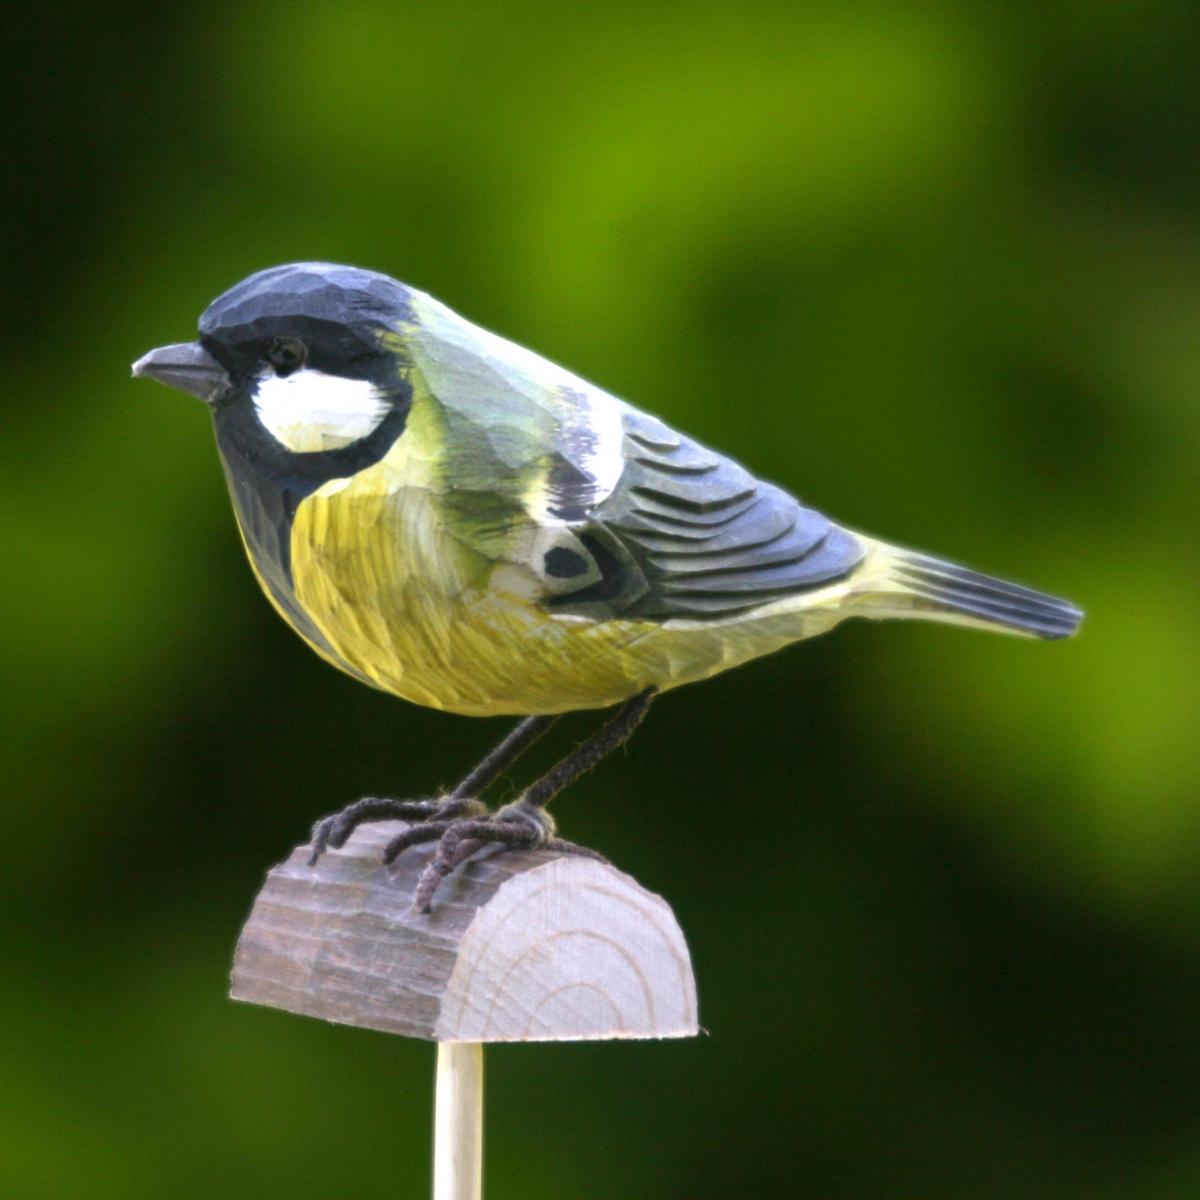 Wildlife Garden træfugl - musvit